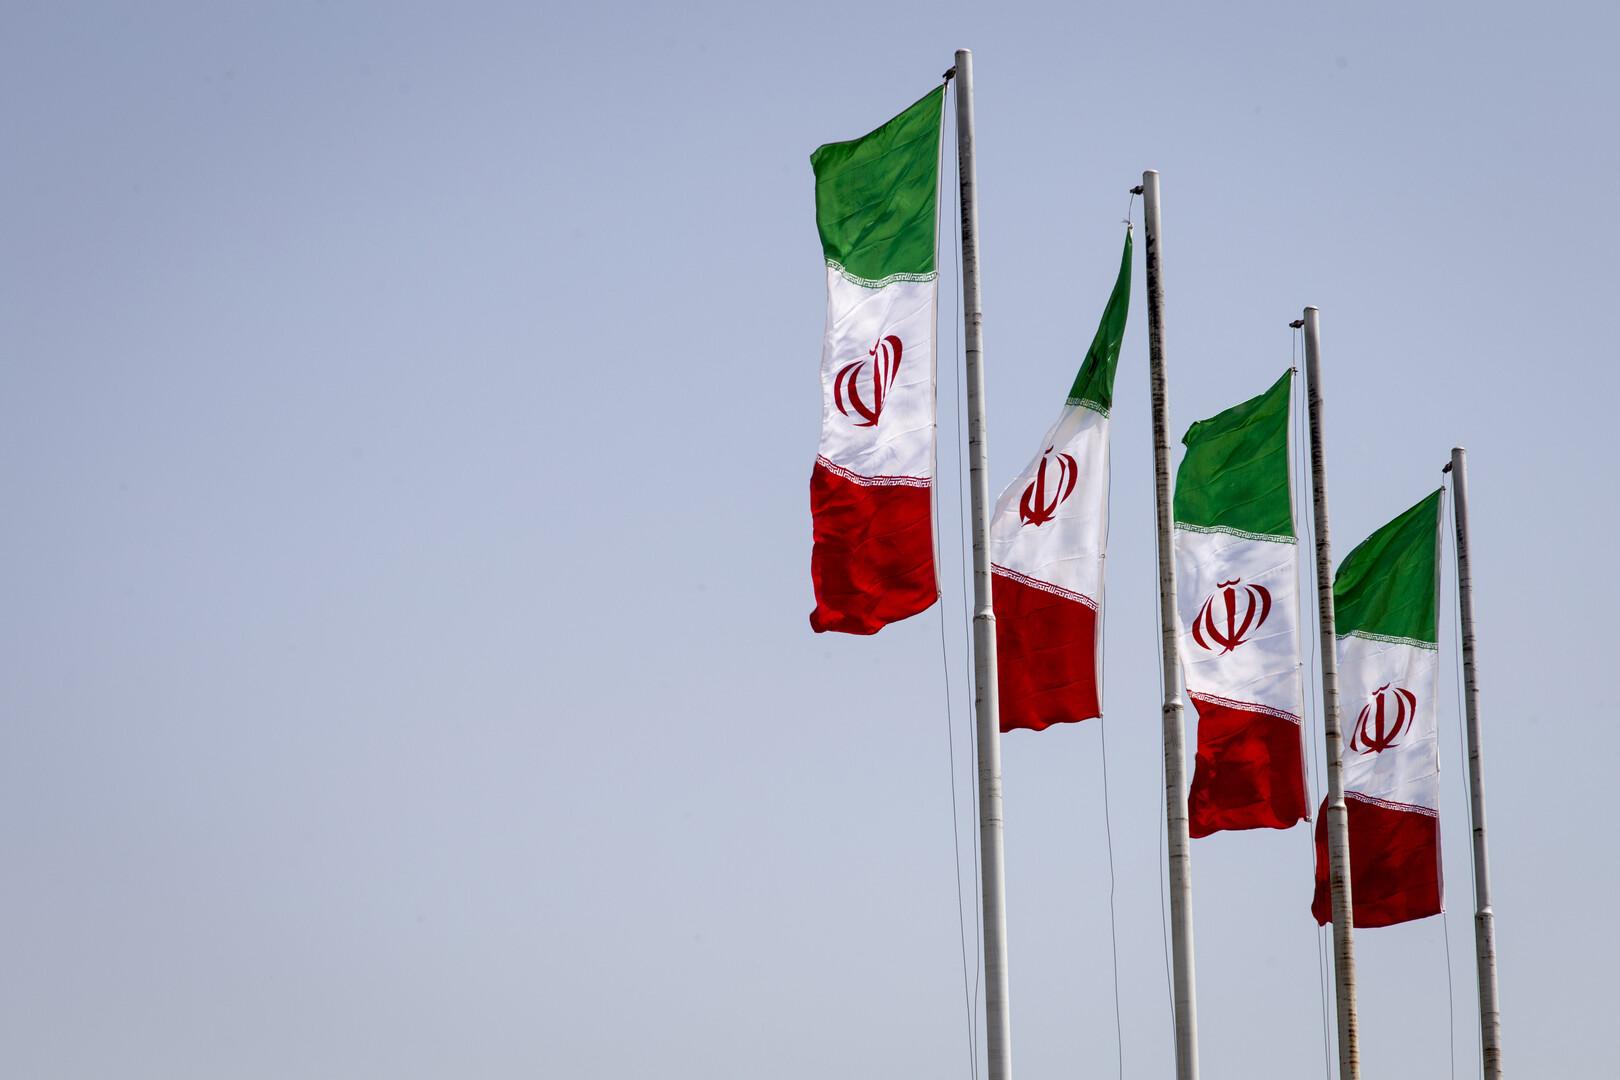 إيران تعلن تفكيك خلية إرهابية تعمل لصالح دول معادية خططت لاستهداف مراكز حيوية